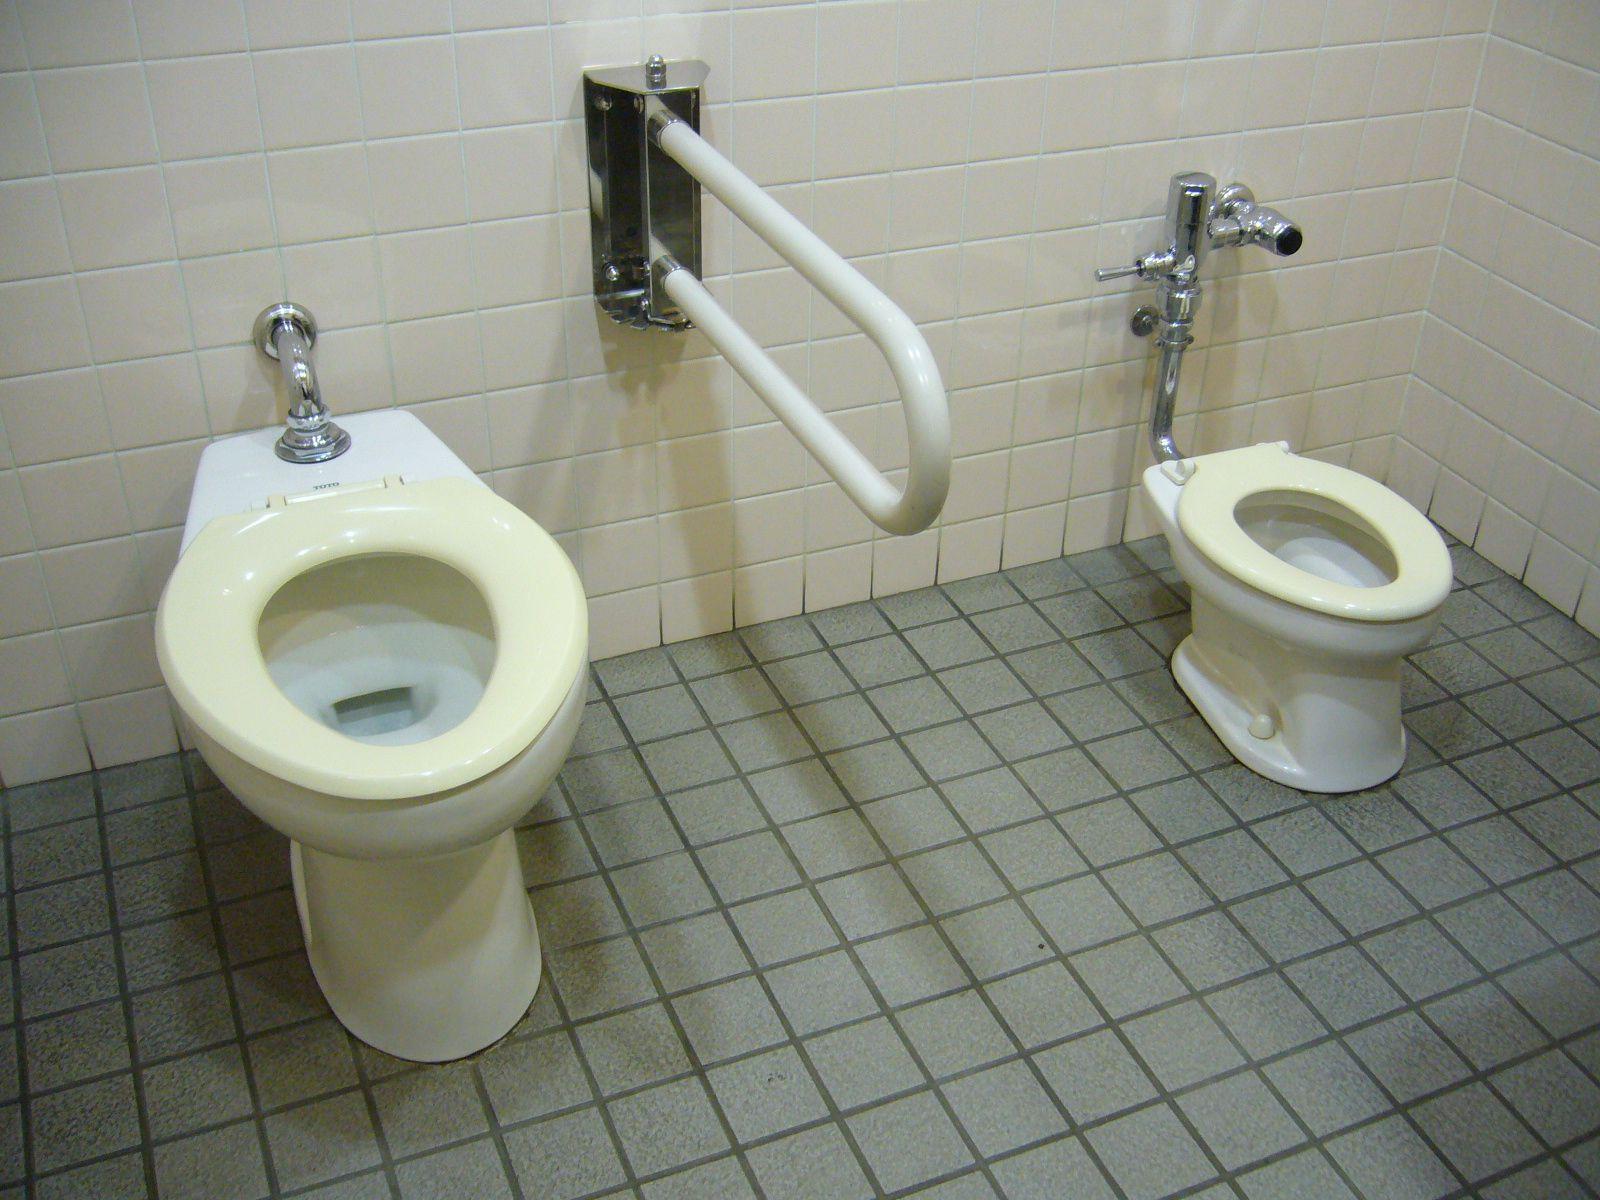 Toilet anak anak di jepang